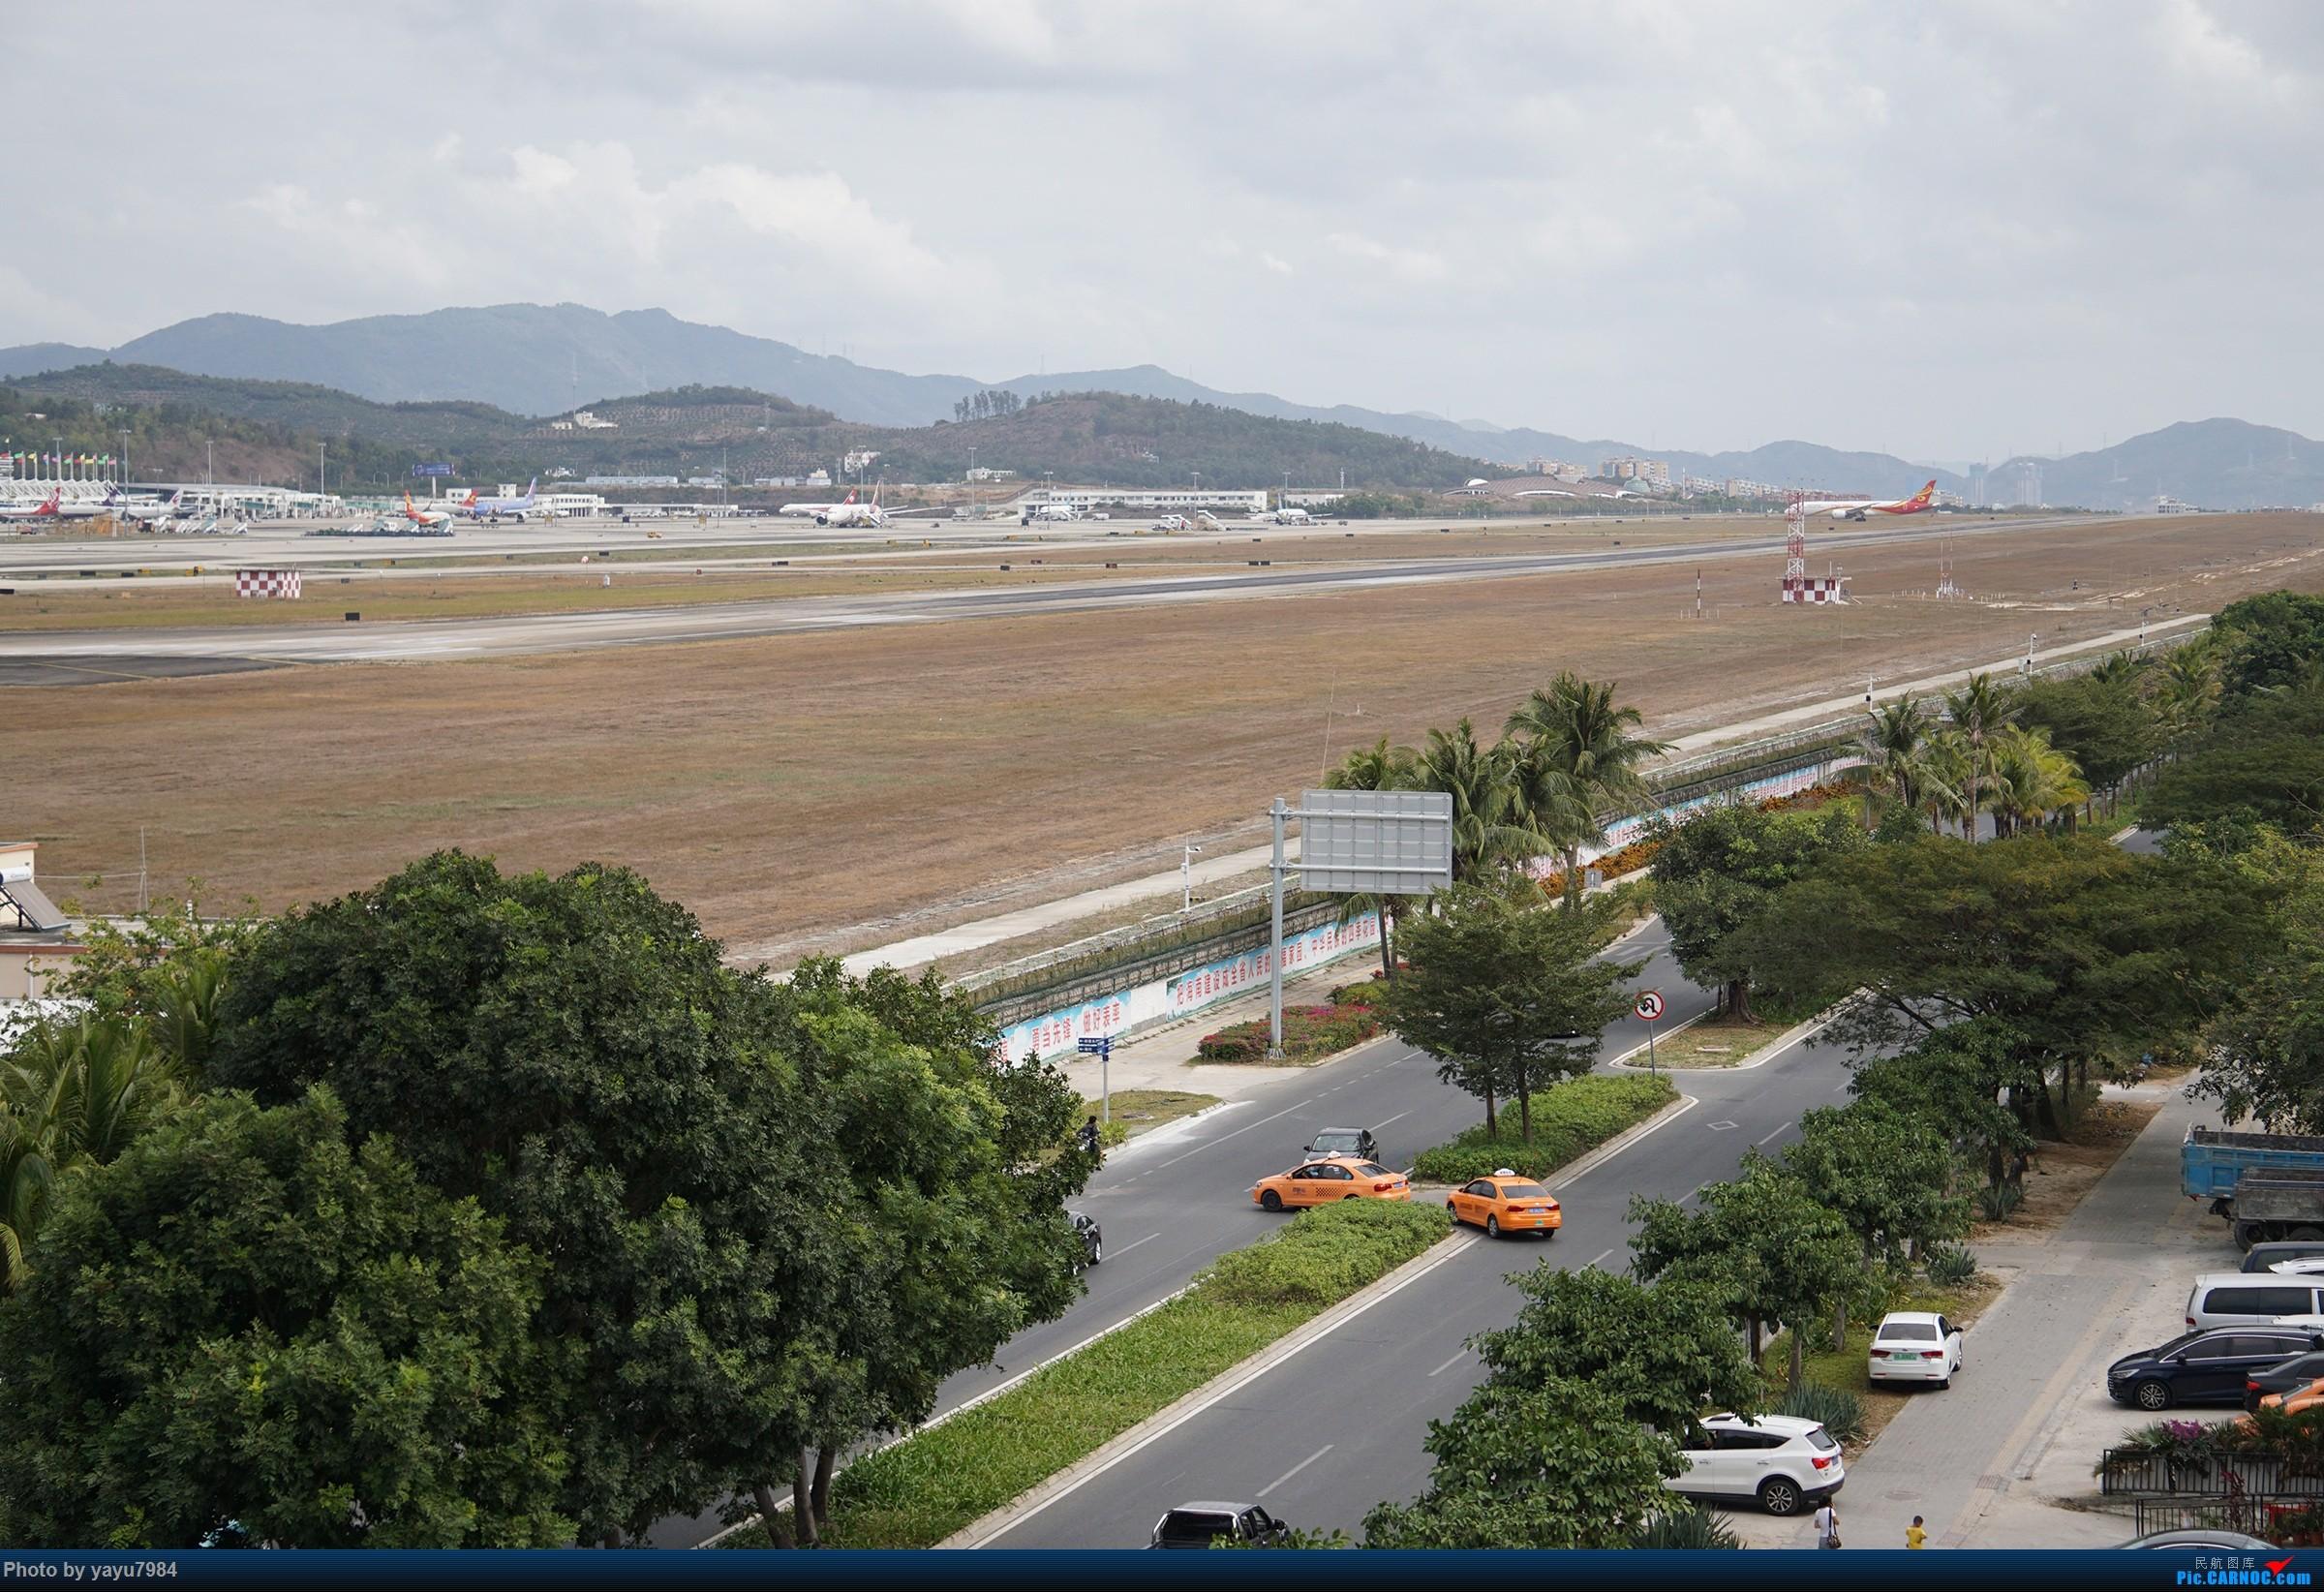 Re:[原创][SYX] 回国首拍,春运高峰时段的三亚凤凰国际机场    中国三亚凤凰国际机场